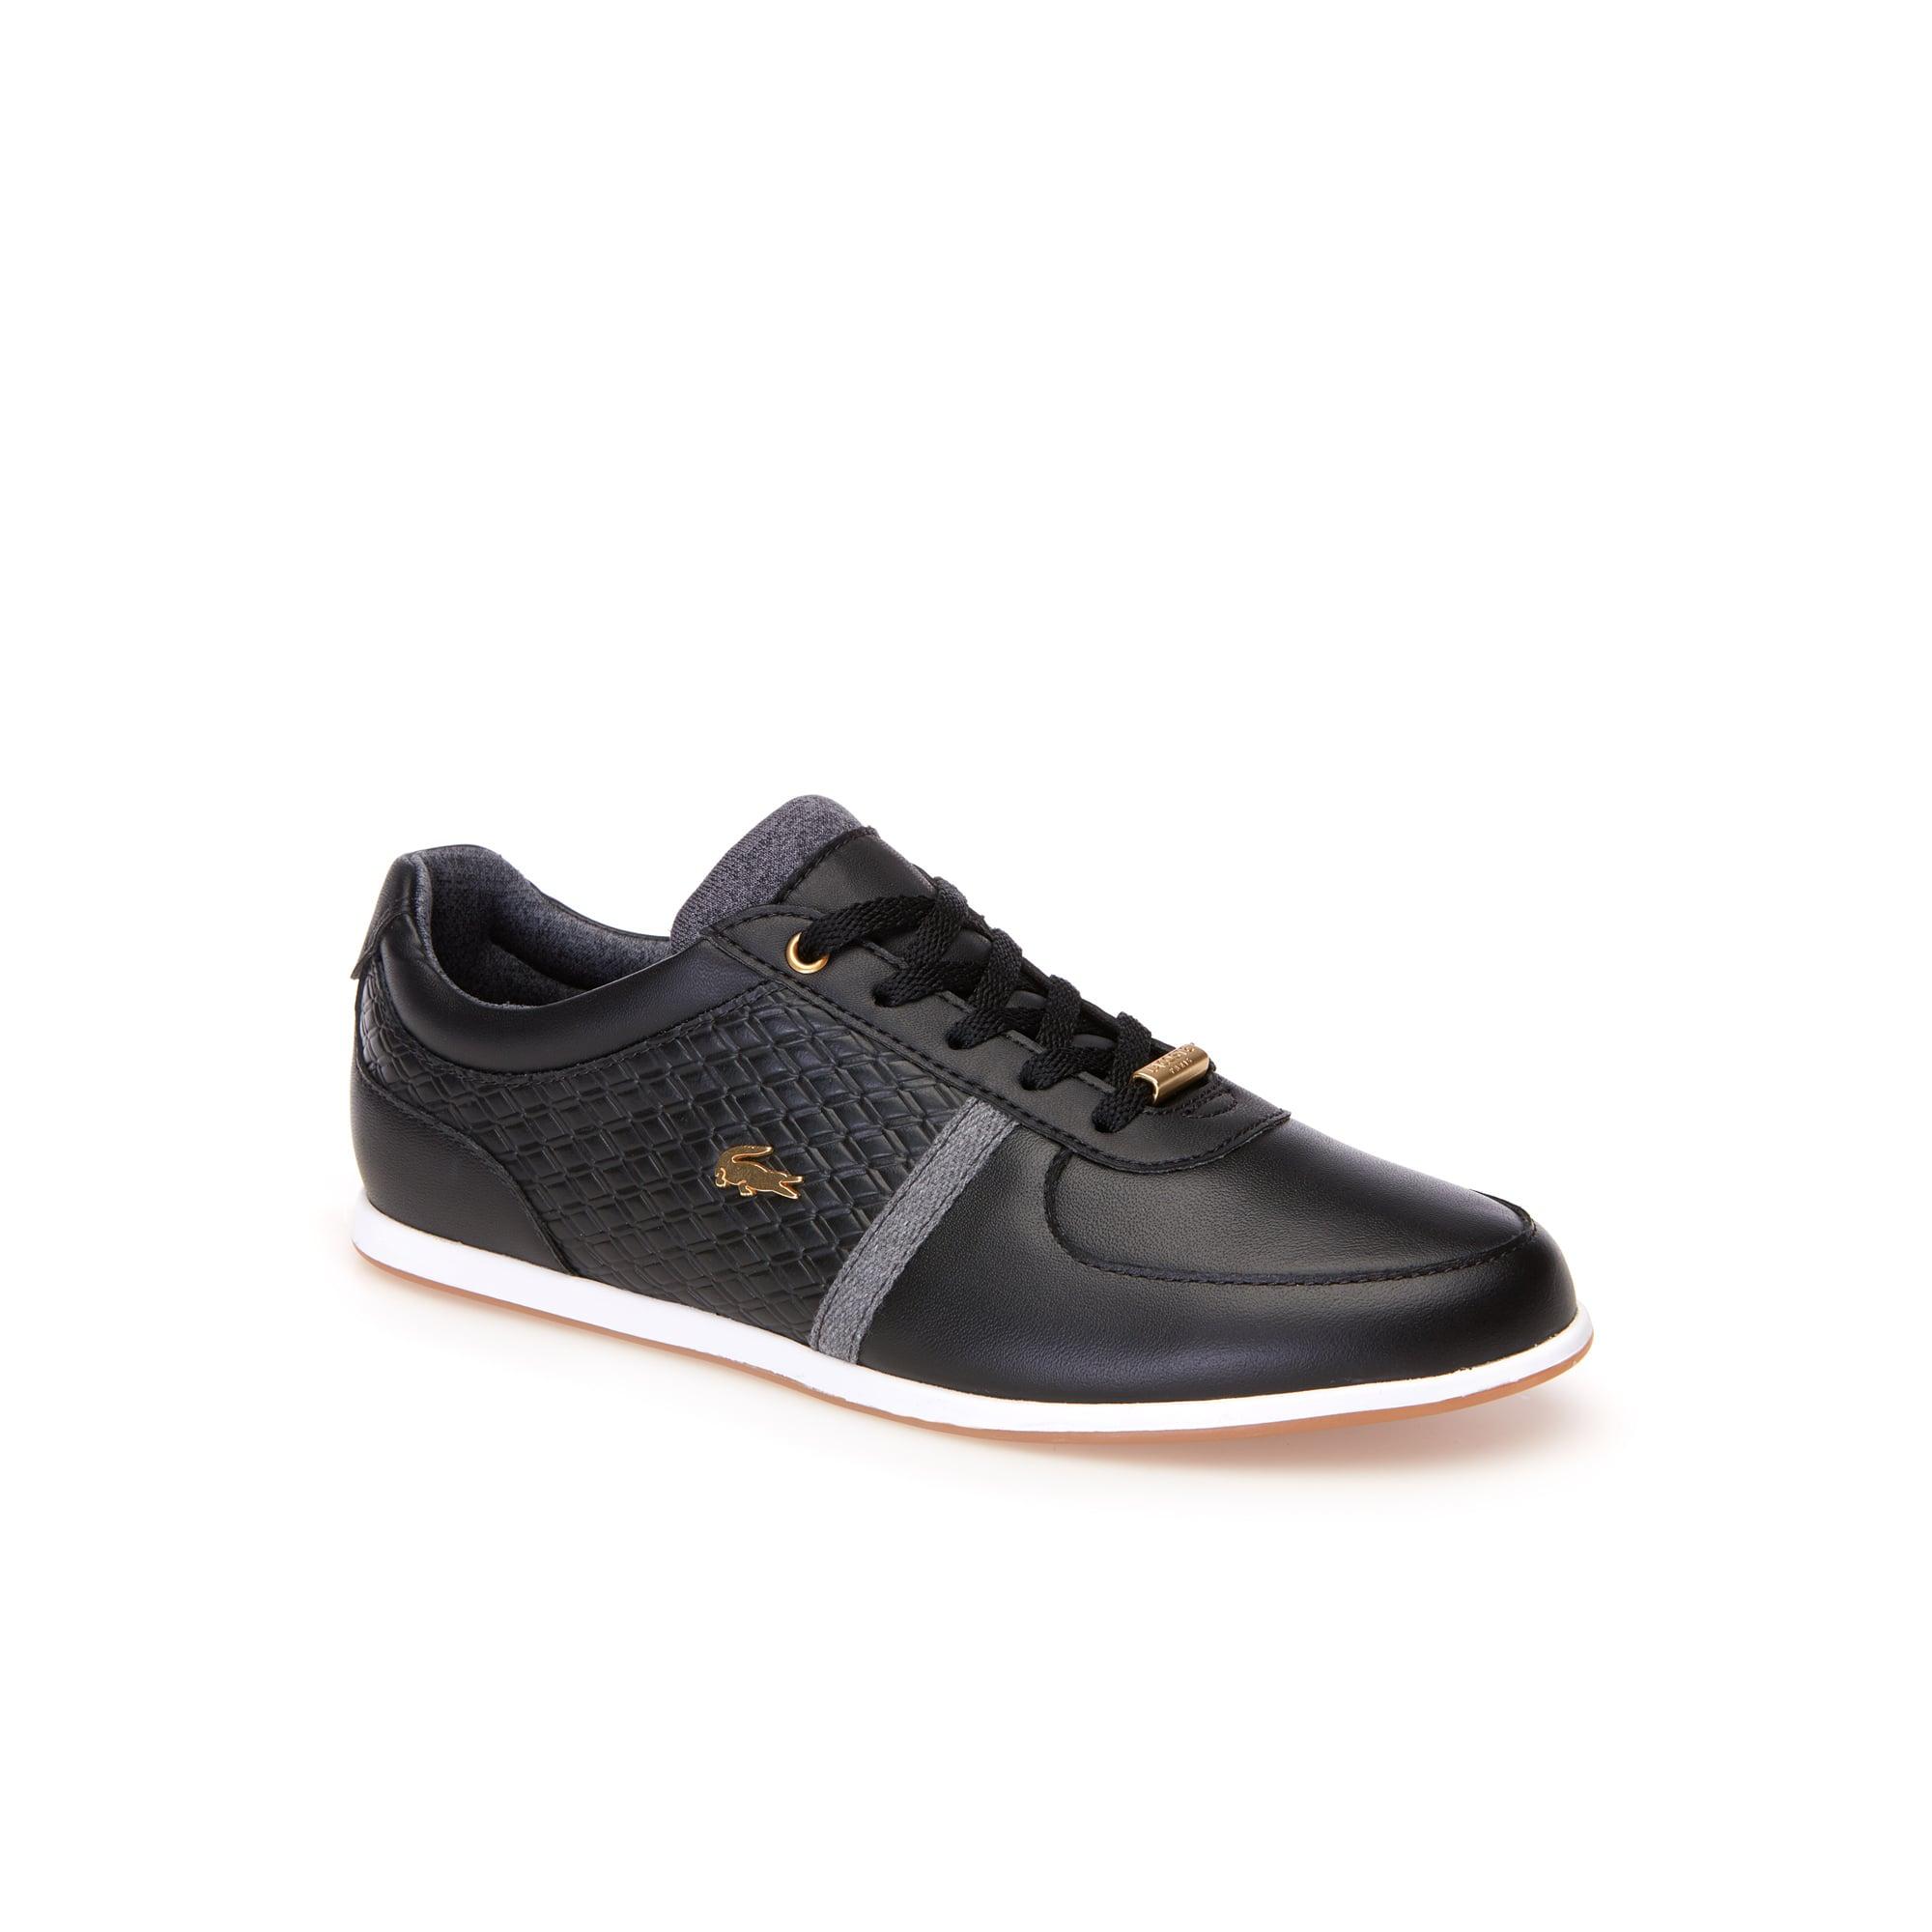 Damen-Sneakers REY aus Leder LACOSTE SPORT